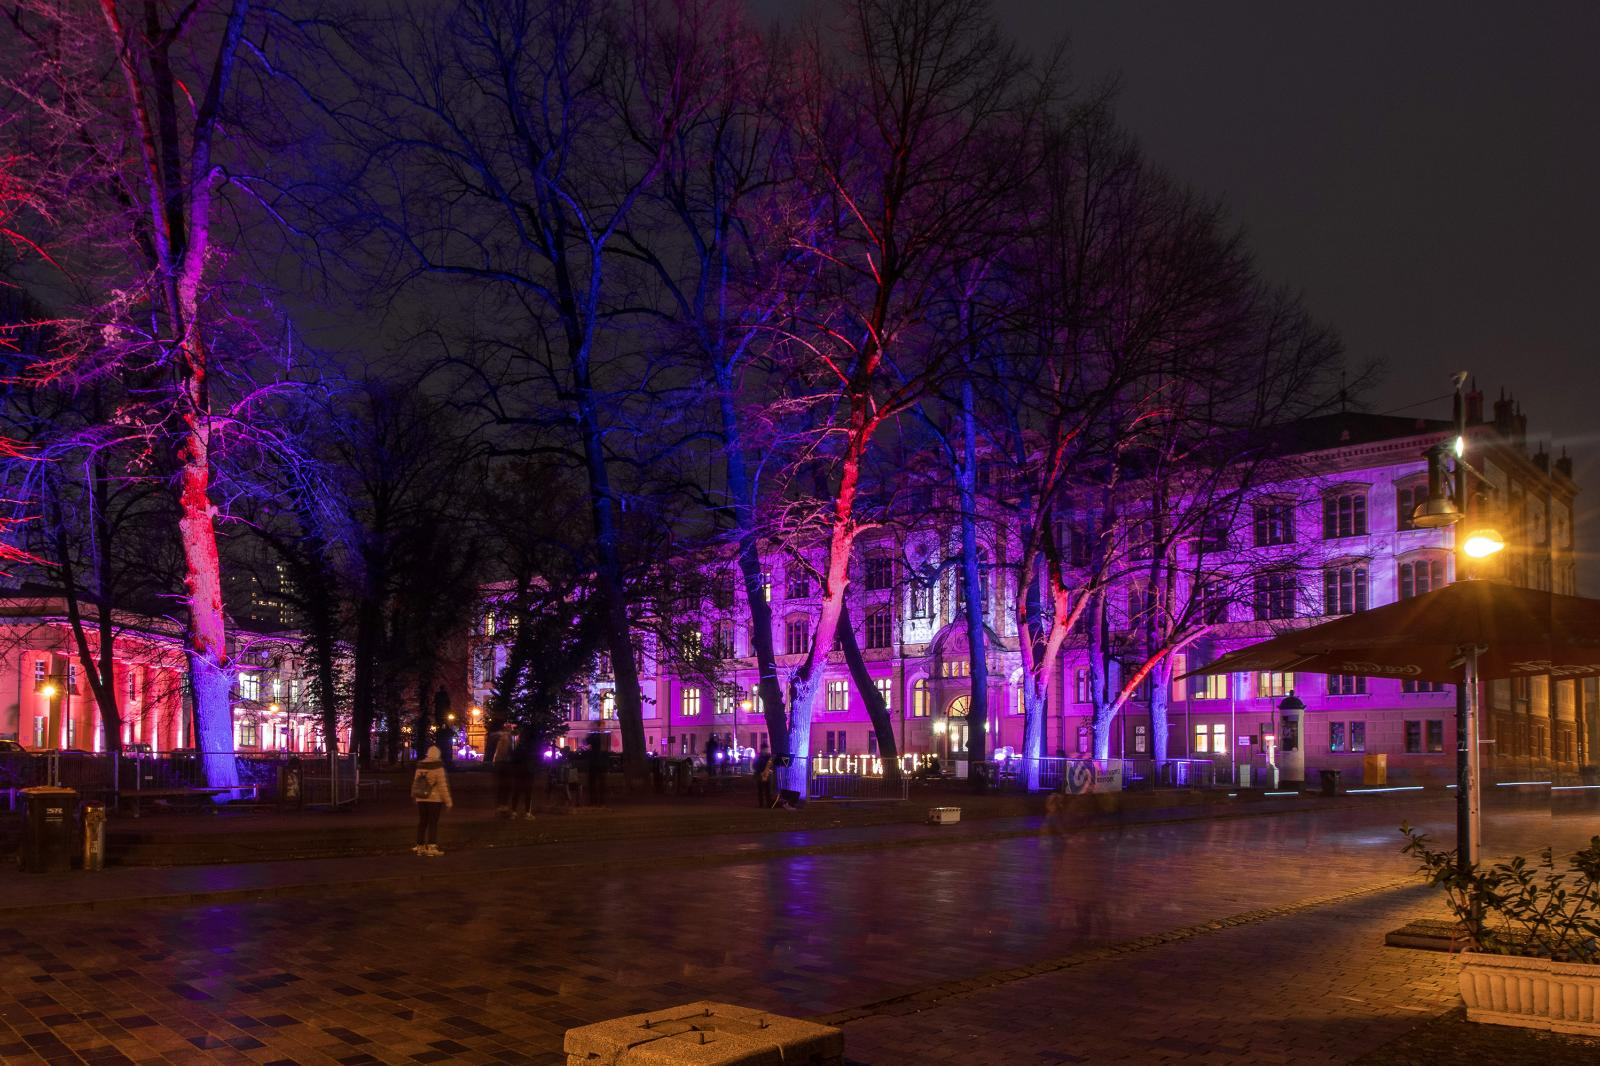 Blick von der Kröpeliner Straße Richtung Universitätsplatz.